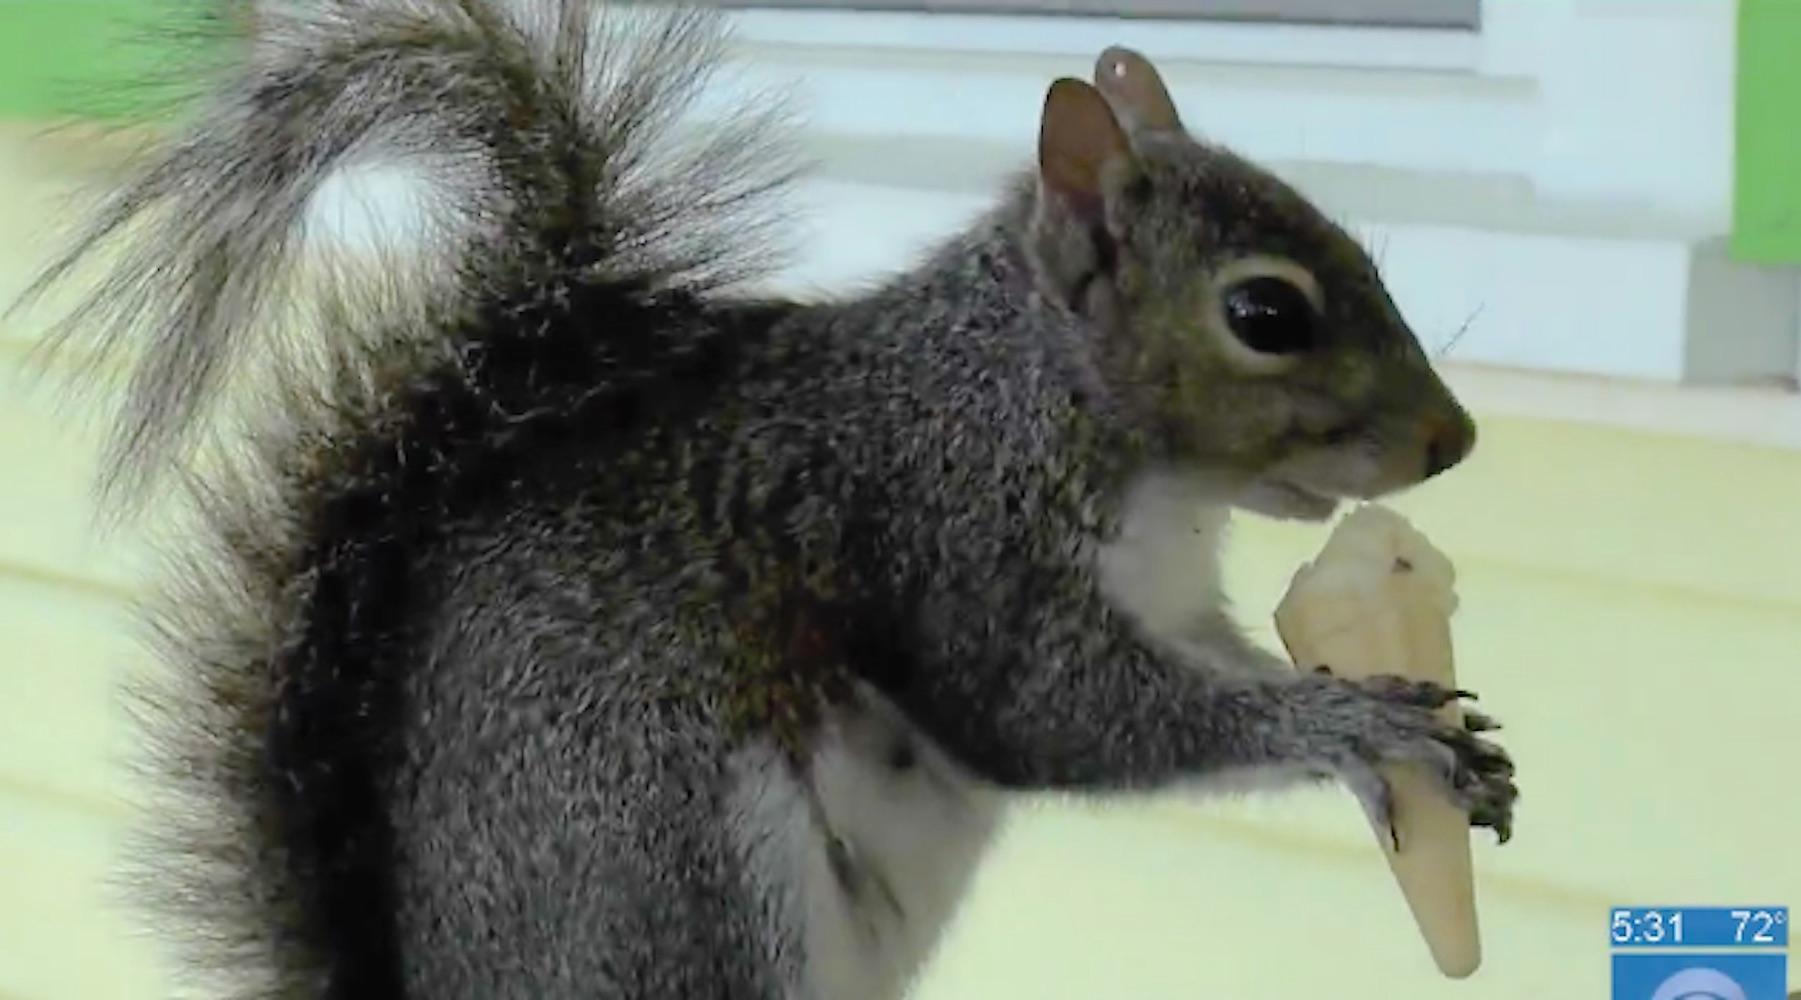 squirrelmain-1492104643856.jpg